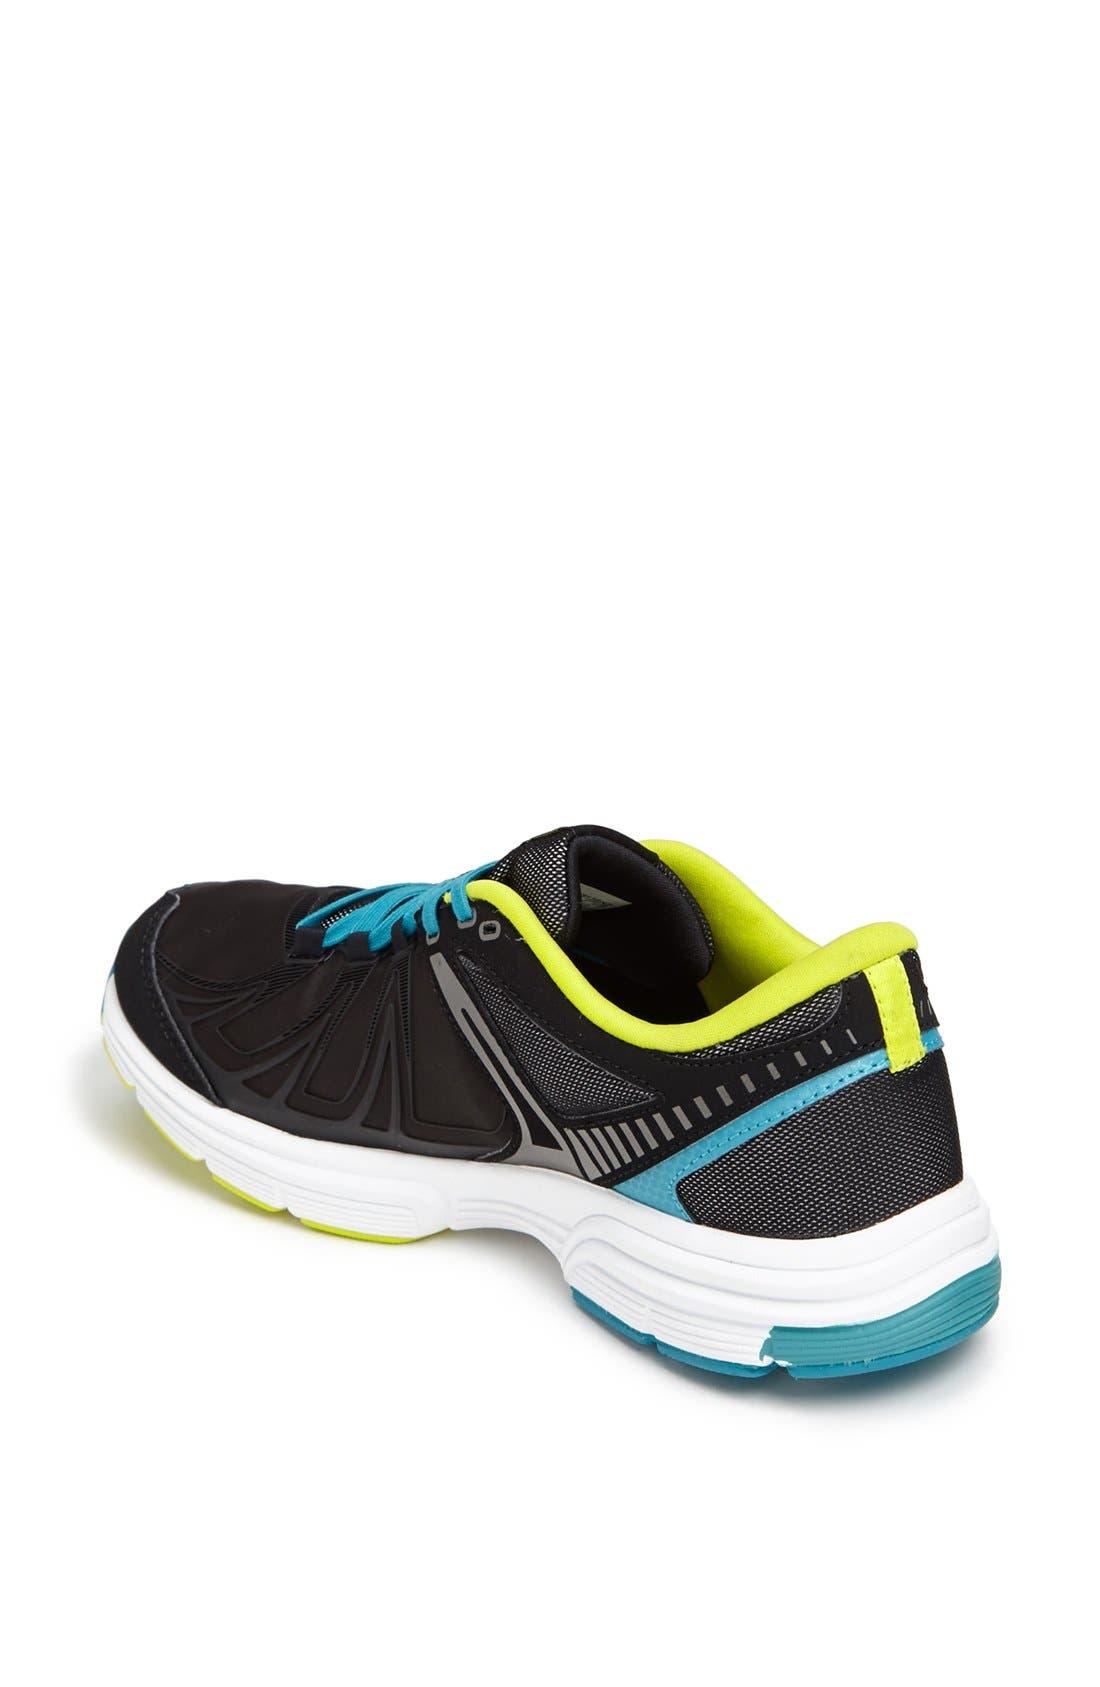 Alternate Image 2  - New Balance '813' Training Shoe (Women)